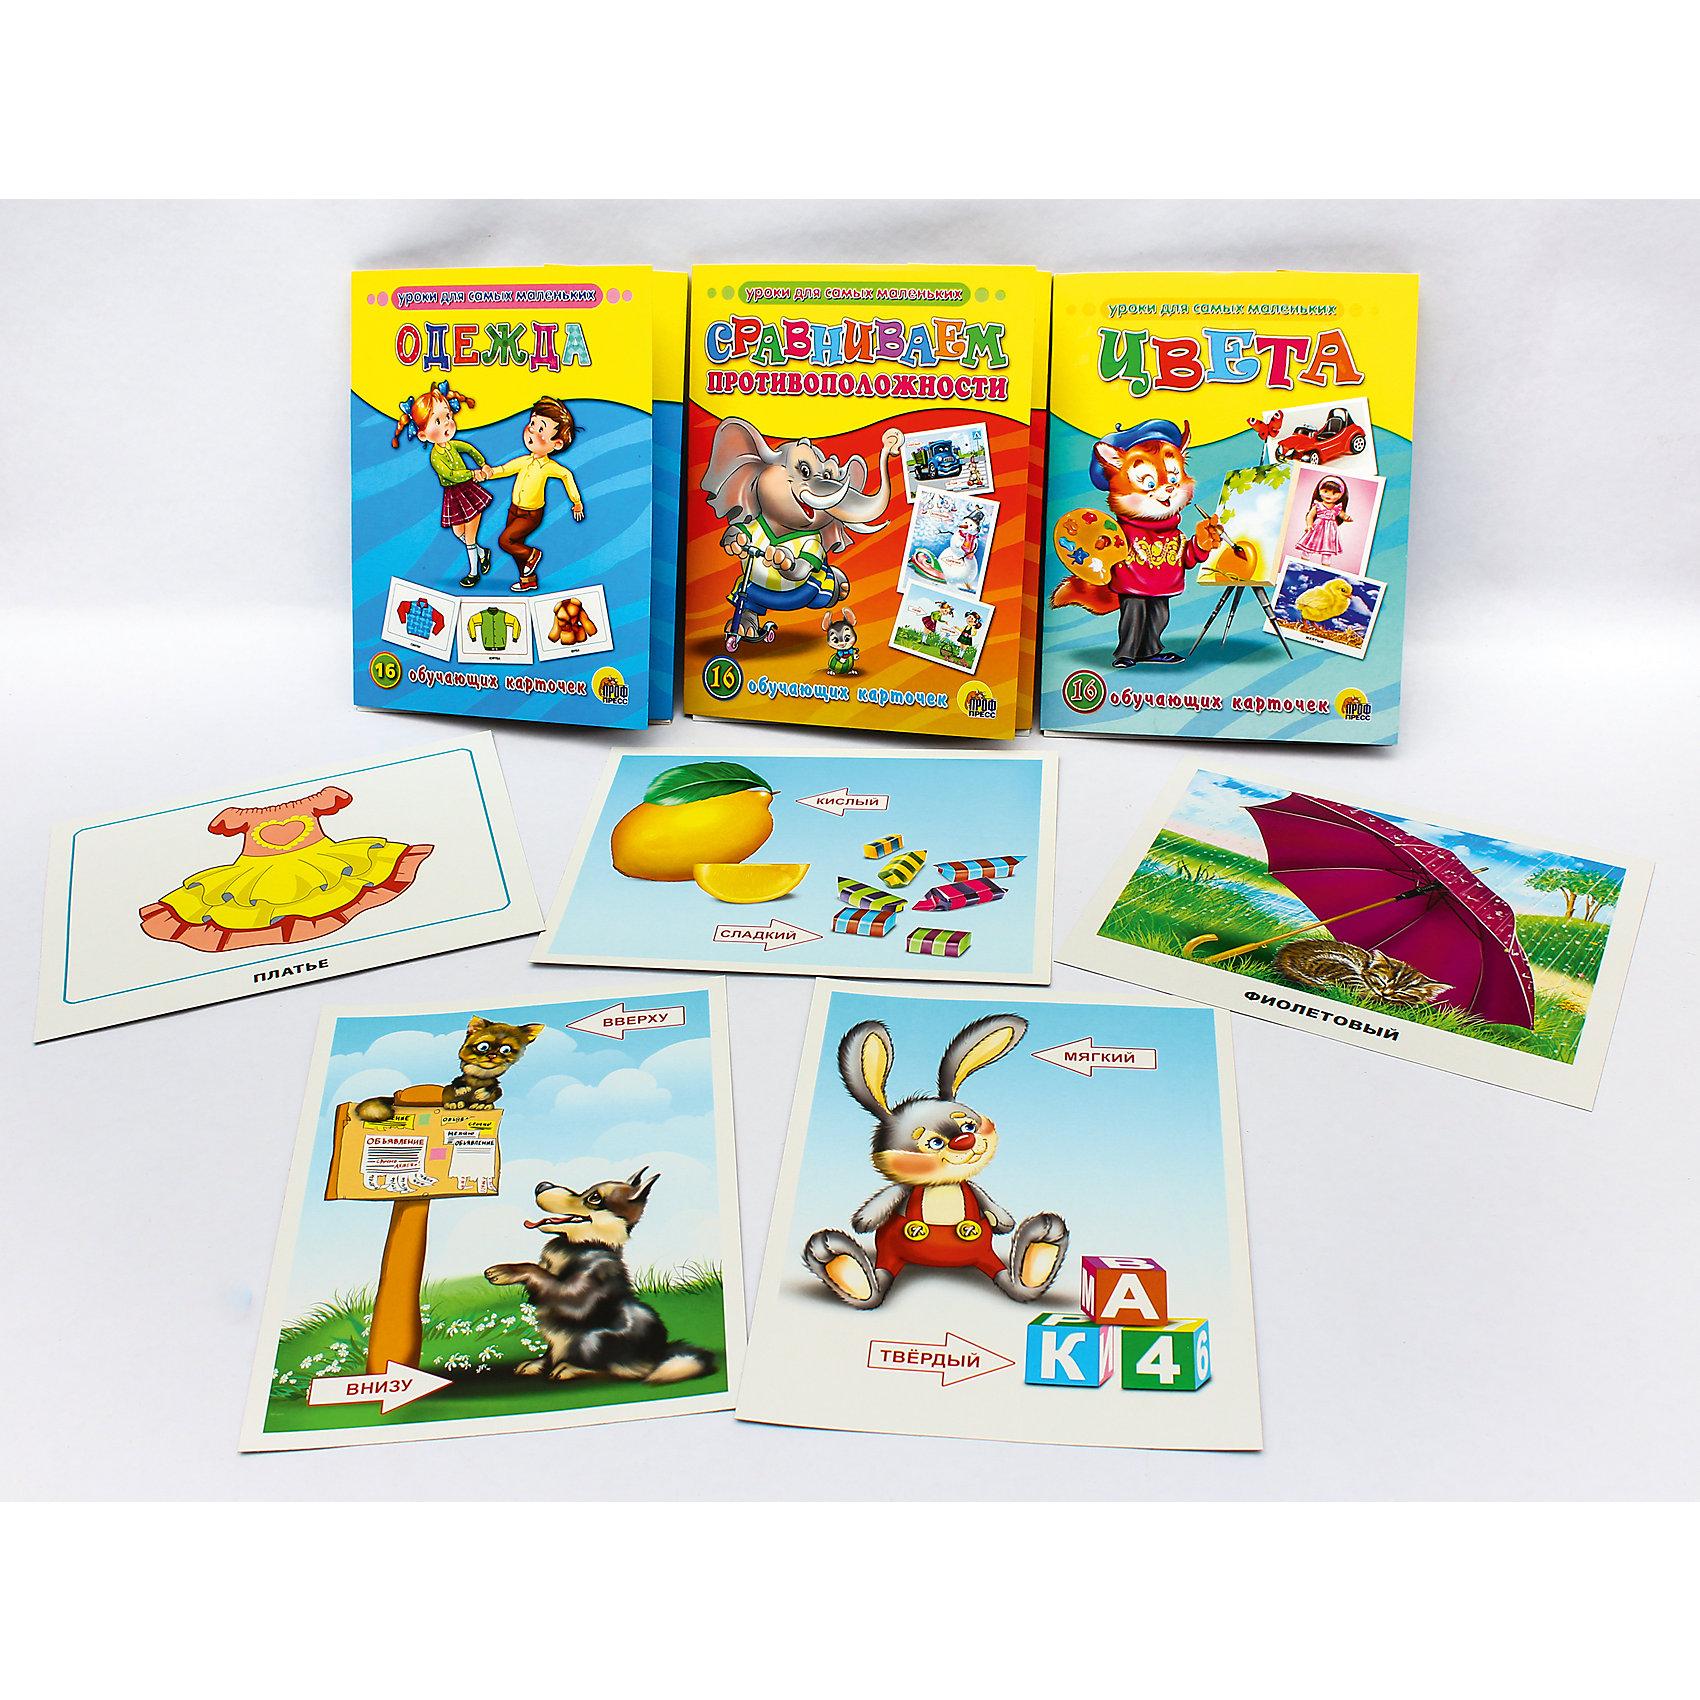 Комплект из 3 наборов карточек  Одежда, Сравниваем противоположности, ЦветаОбучающие карточки<br>Обучающие карточки серии «Уроки для самых маленьких» помогут ребёнку узнать много интересного об окружающем мире, его богатстве и многообразии. Каждый набор включает 16 карточек и посвящён определённой тематике. Благодаря данному набору ребёнок в познавательной и в то же время игровой форме узнает, как безопасно вести себя дома и на улице, как правильно поступать в той или иной ситуации, а также познакомится с телефонными номерами экстренных служб. Работа с карточками станет для малыша не только увлекательным занятием, но и начальным этапом подготовки к дальнейшему обучению в школе.<br><br>Ширина мм: 170<br>Глубина мм: 220<br>Высота мм: 18<br>Вес г: 491<br>Возраст от месяцев: 0<br>Возраст до месяцев: 36<br>Пол: Женский<br>Возраст: Детский<br>SKU: 6990120